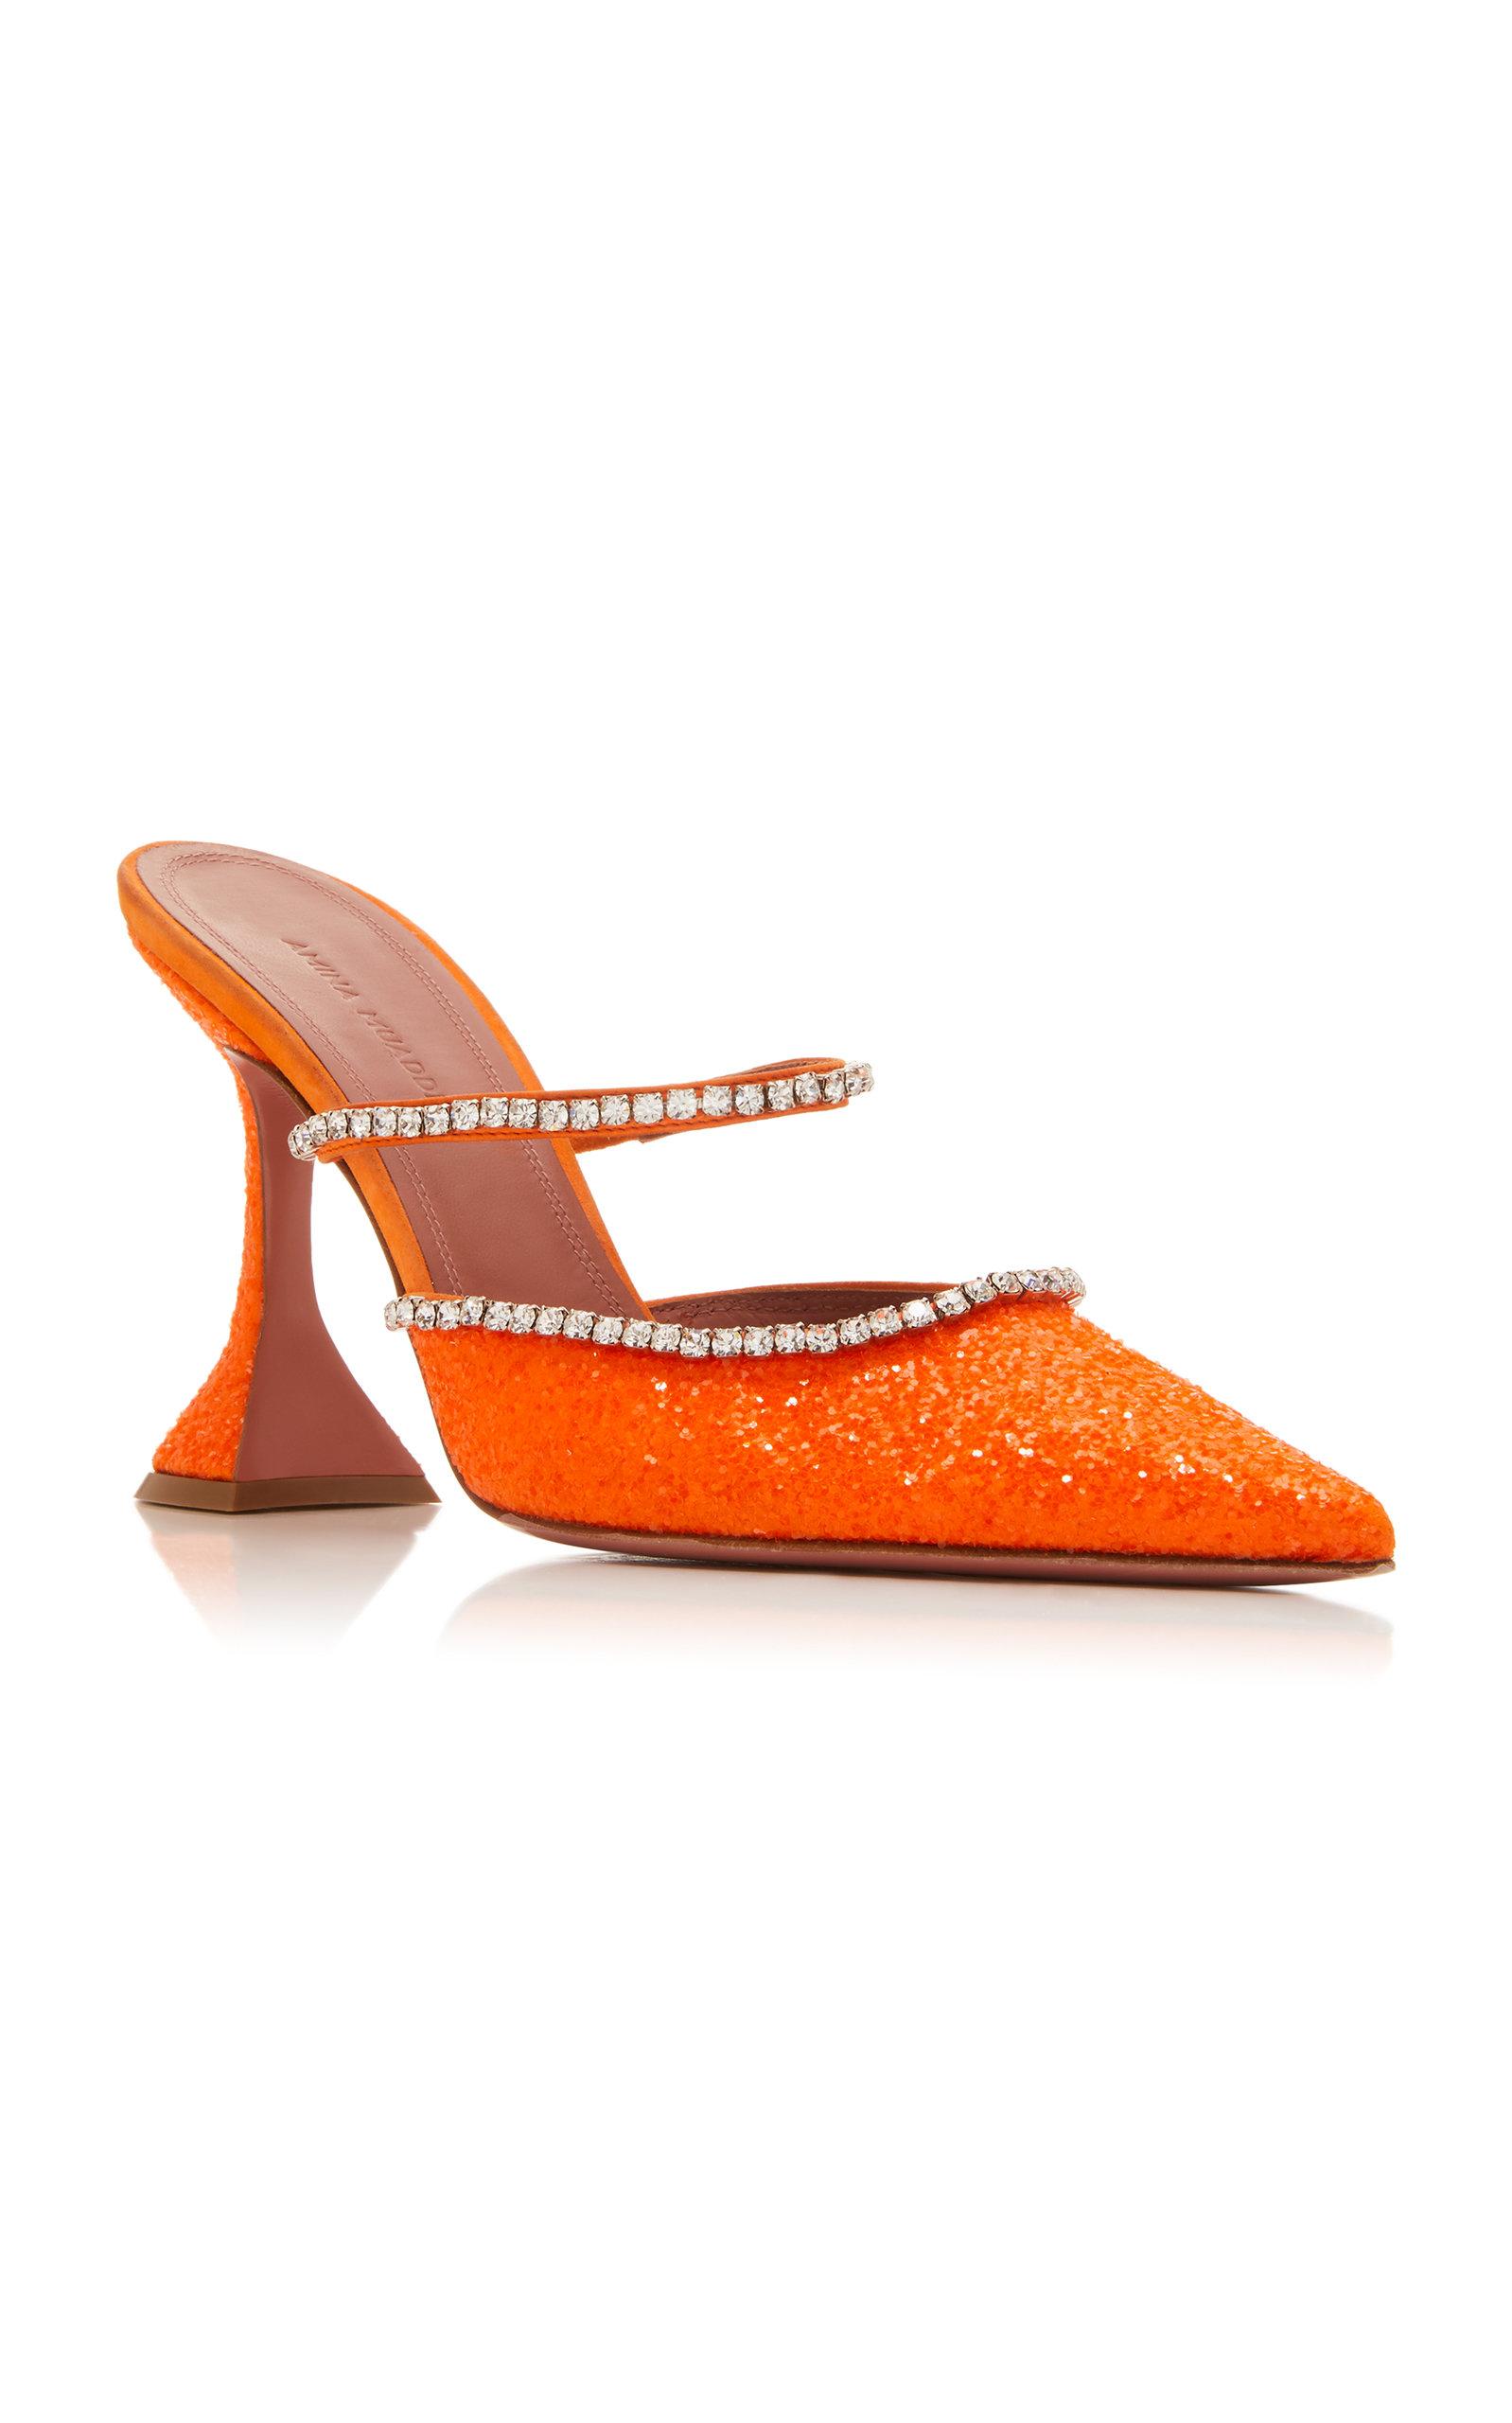 Amina Muaddi Mules Gilda Crystal-Embellished Leather Mules